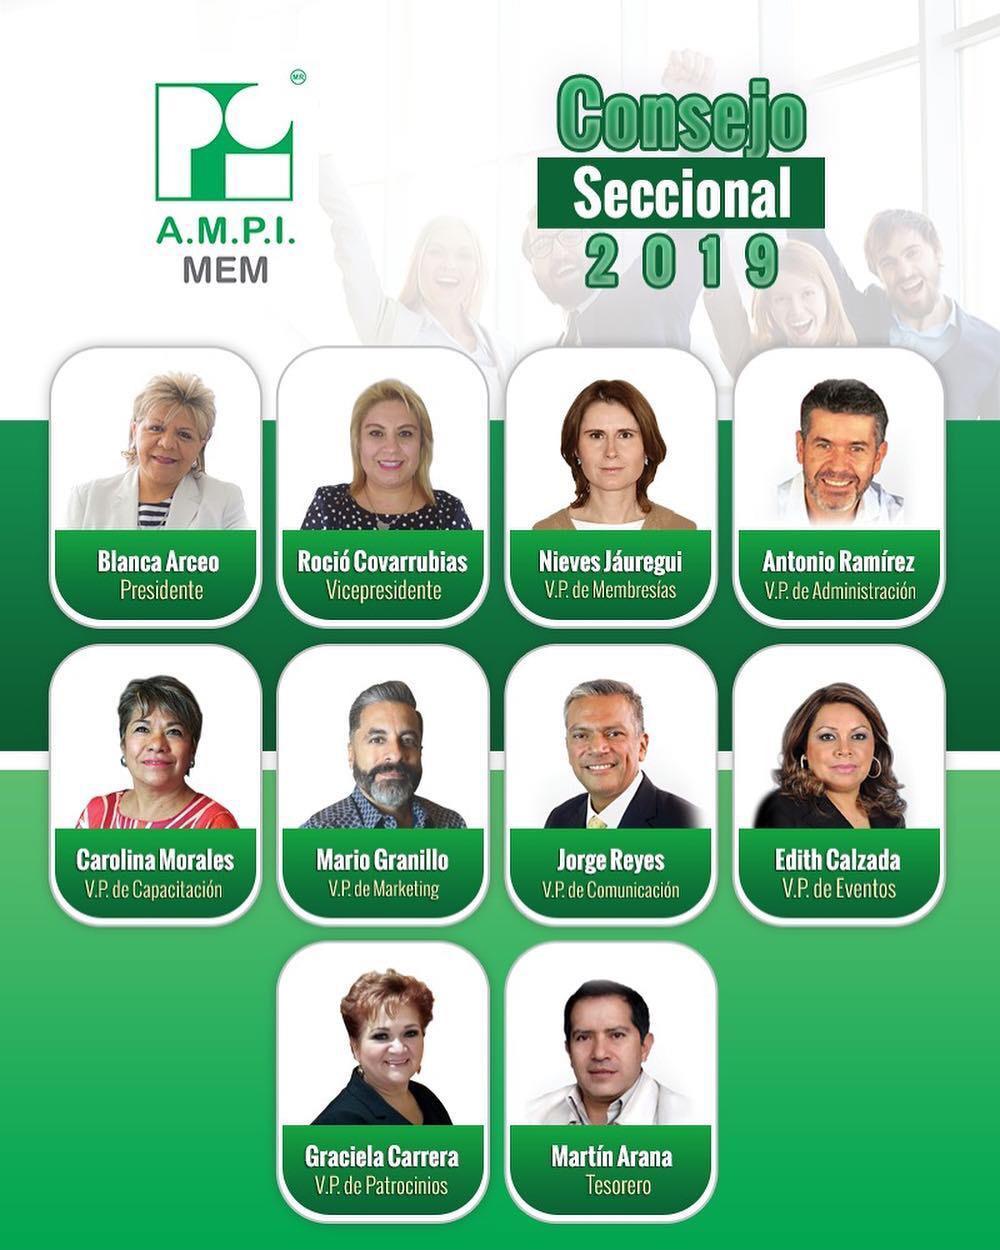 Consejo_seccional_2019.jpeg